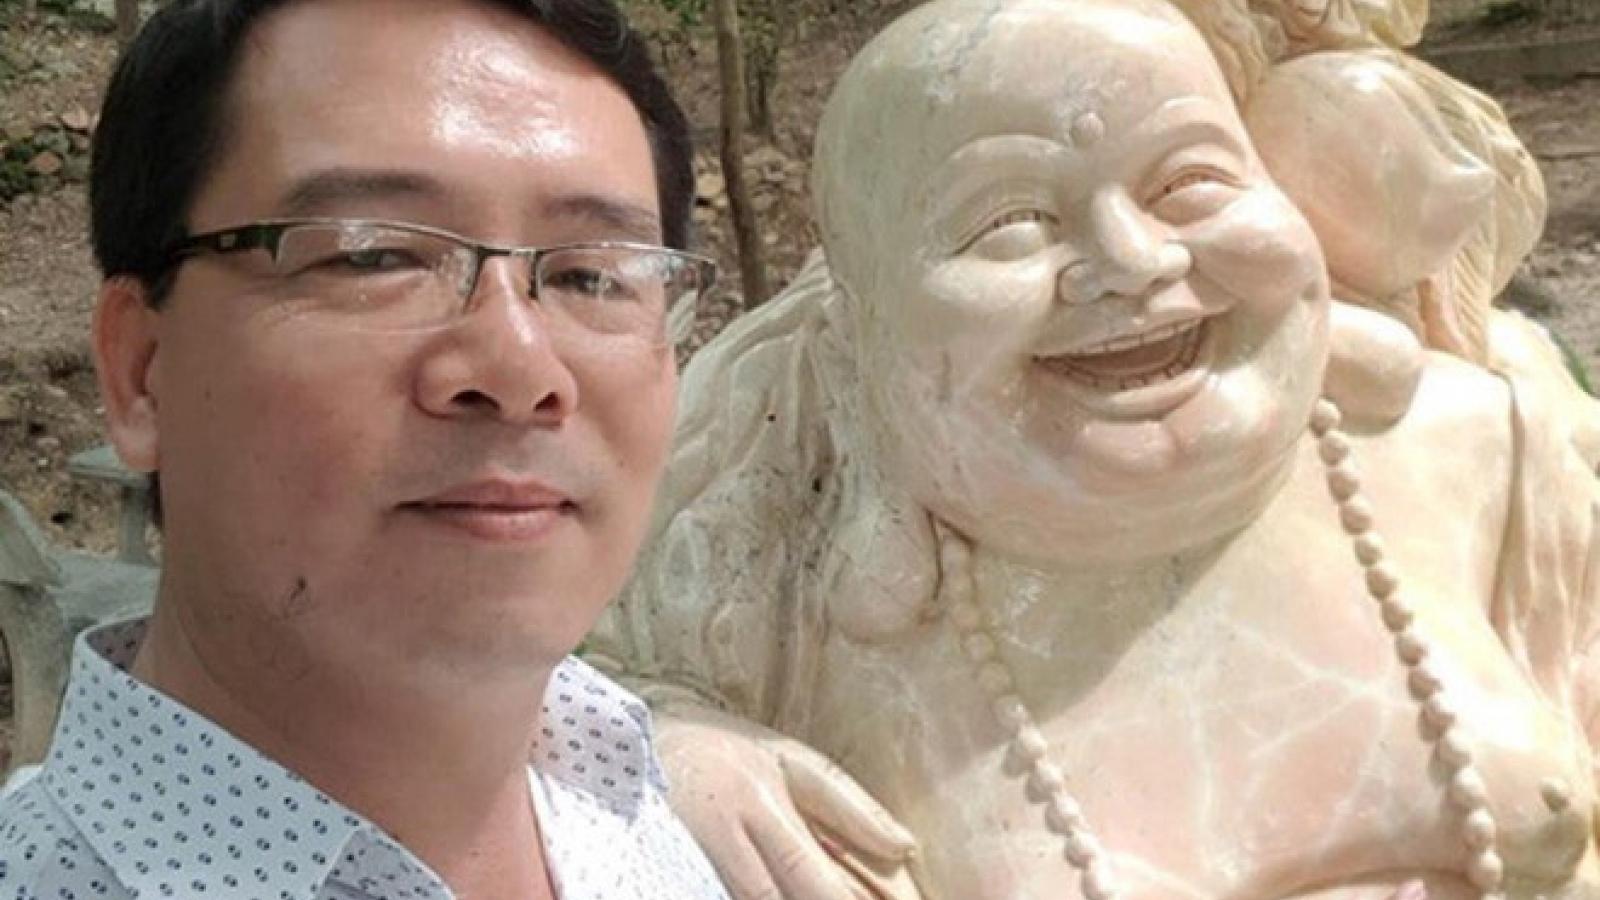 Bình Định: Bắt giữ cựu Phó Giám đốc Sở LĐ-TB-XH theo lệnh truy nã đặc biệt